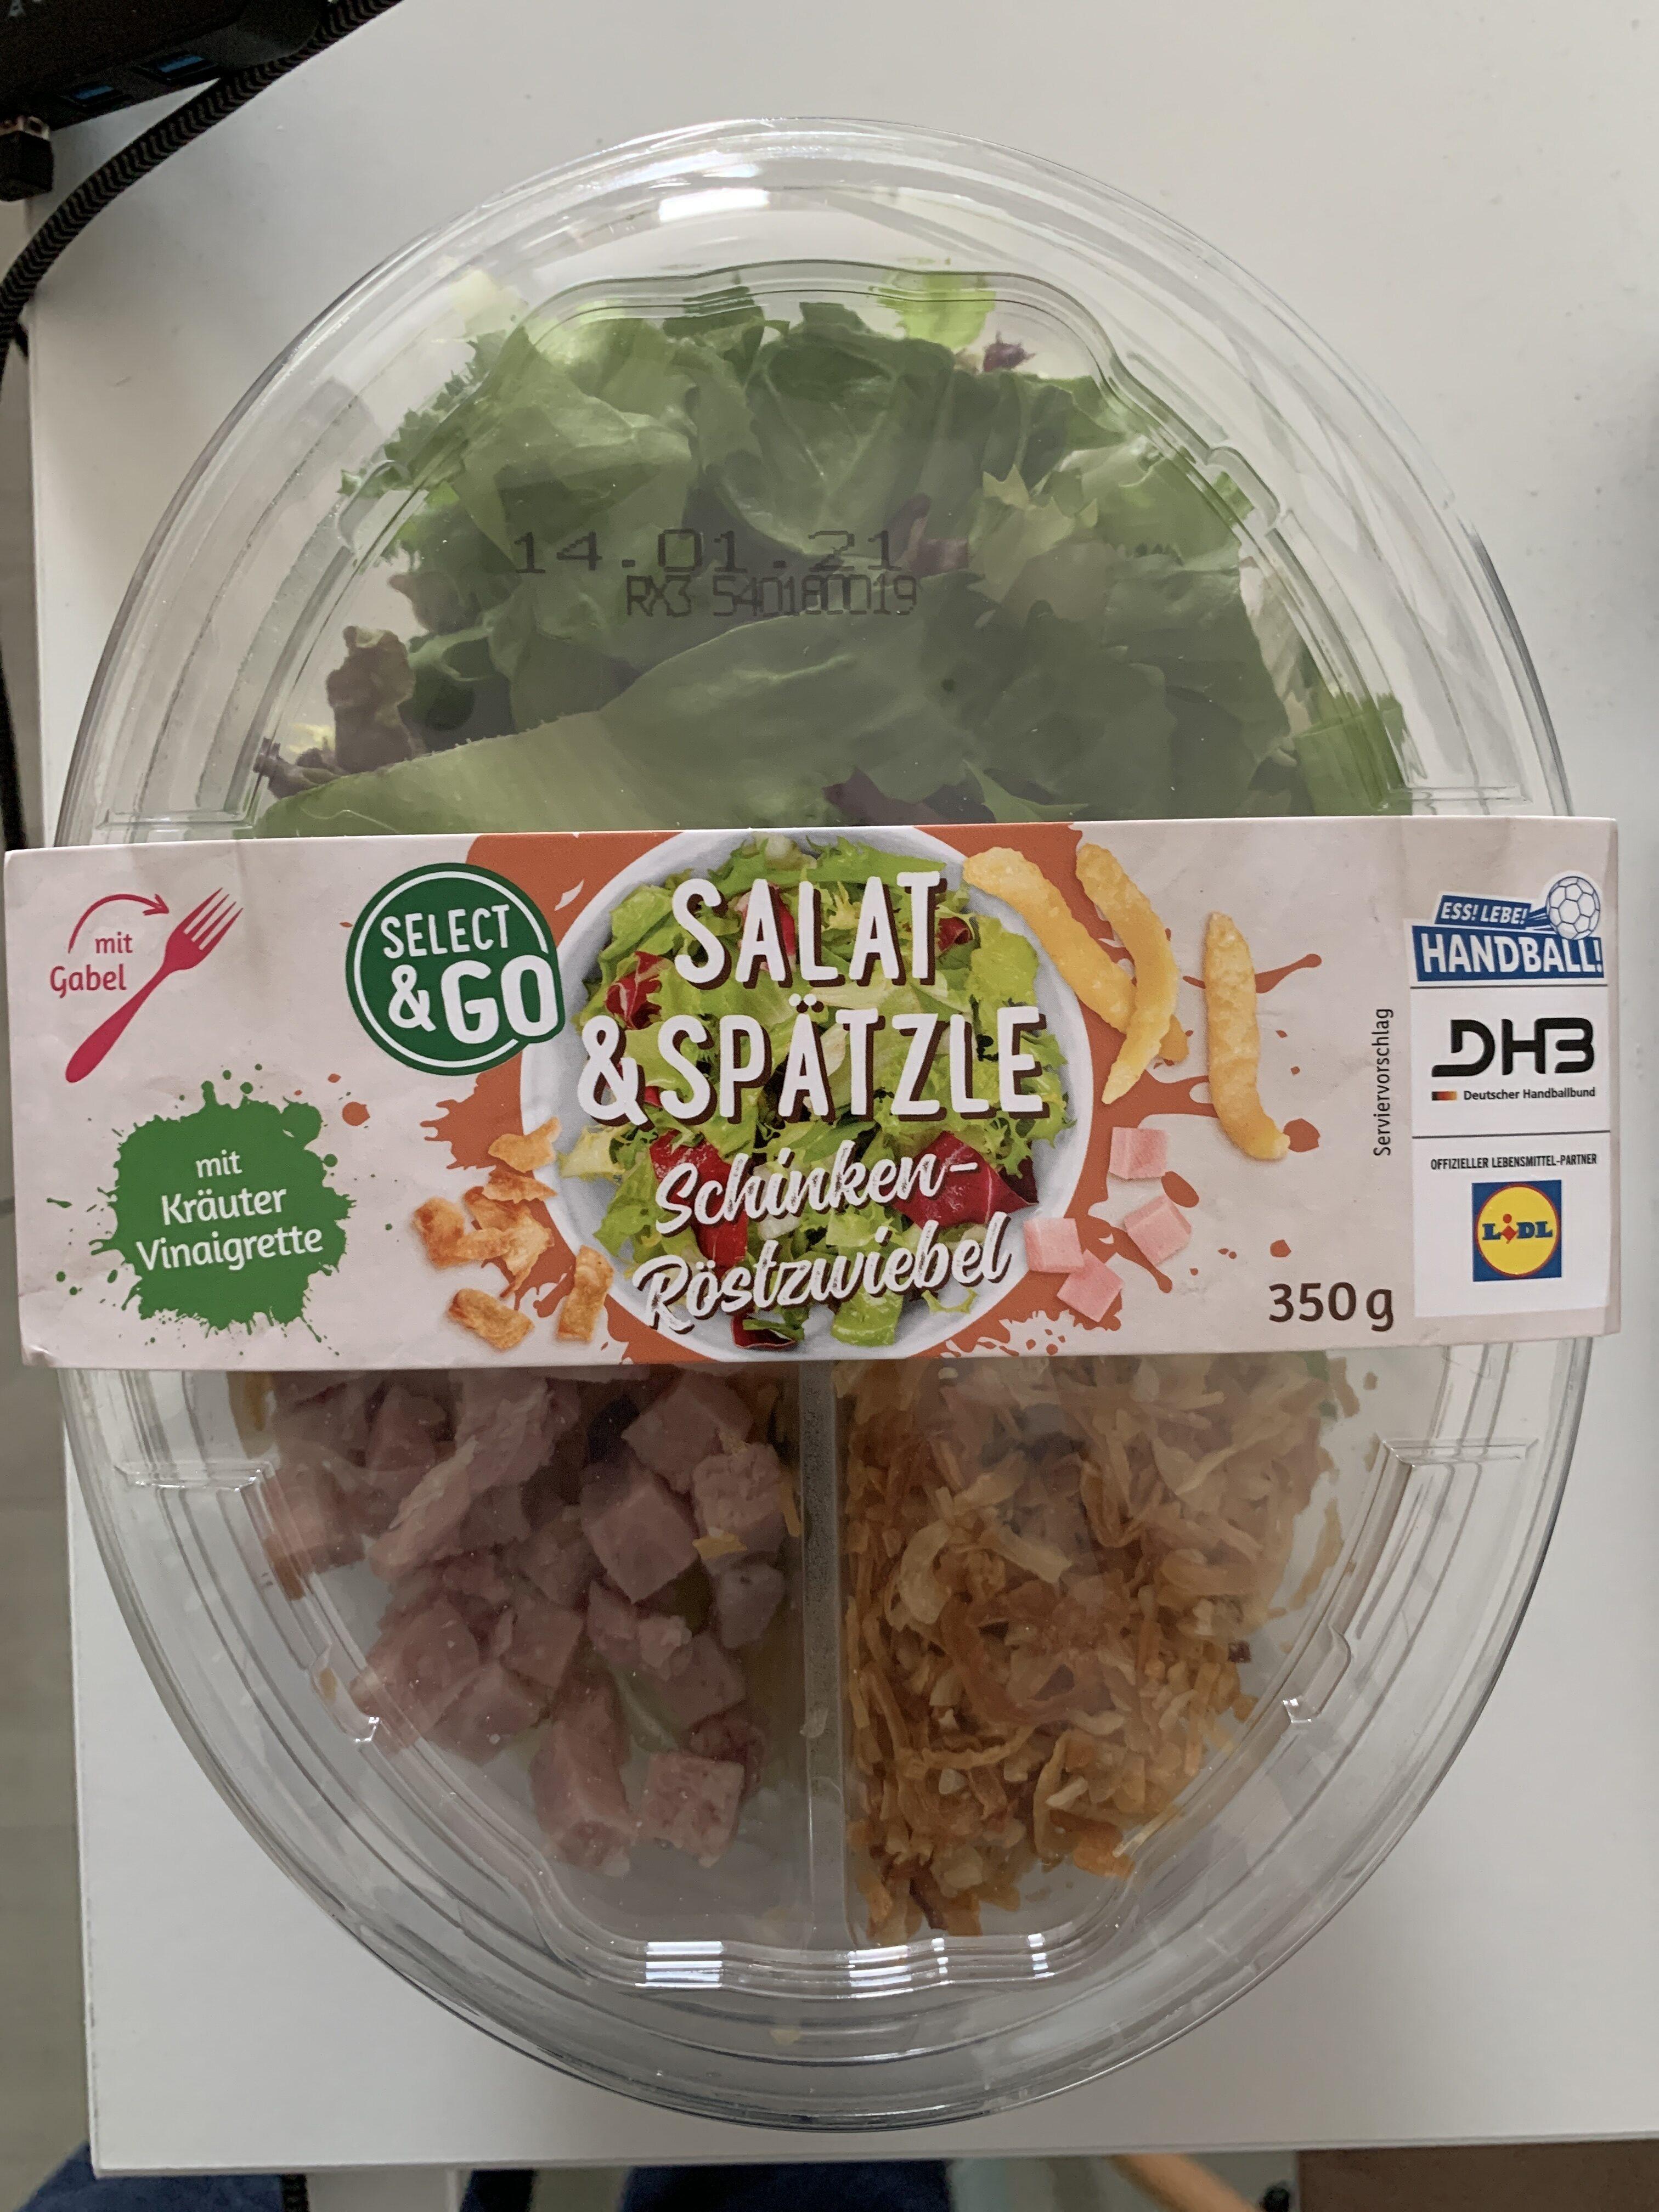 Select&Go Salat & Spätzle Schinken-Röstzwiebel - Product - de